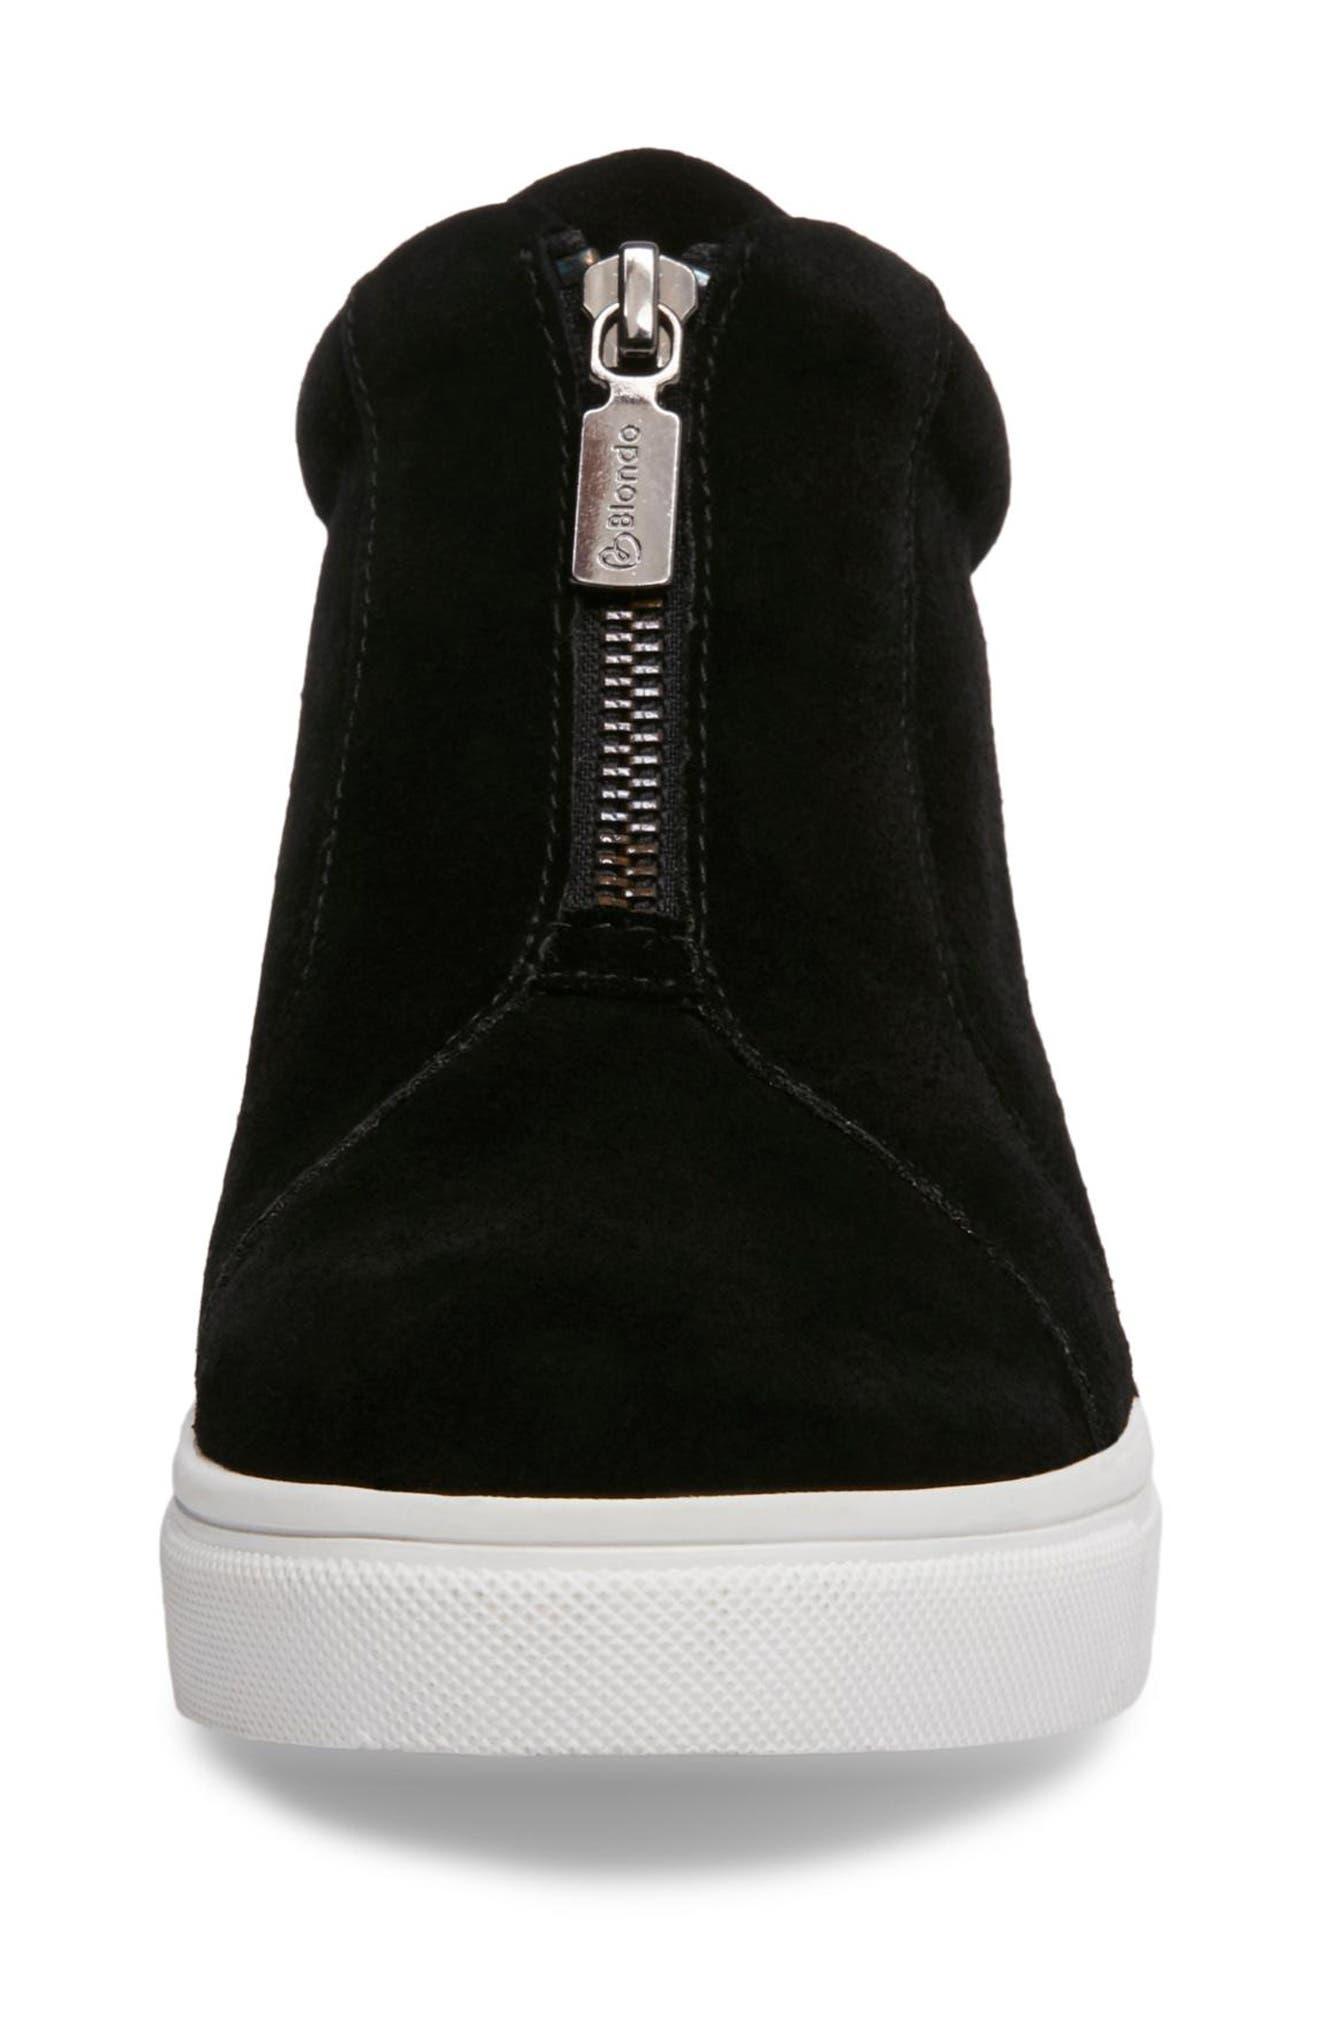 Glenda Waterproof Sneaker Bootie,                             Alternate thumbnail 4, color,                             BLACK SUEDE